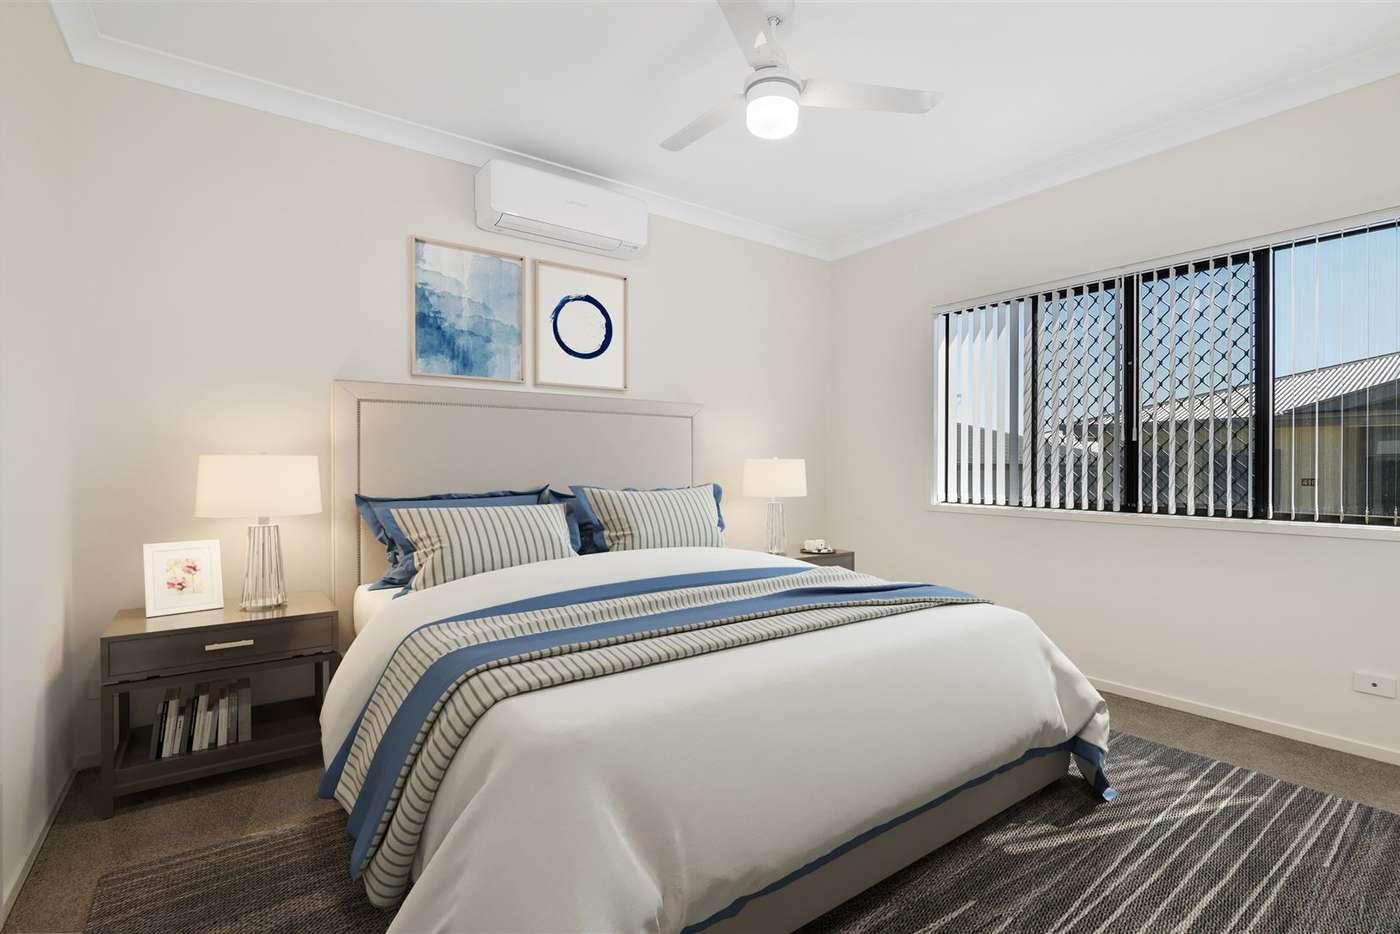 Fifth view of Homely villa listing, Villa 420/431 Park Ridge Road, Park Ridge QLD 4125